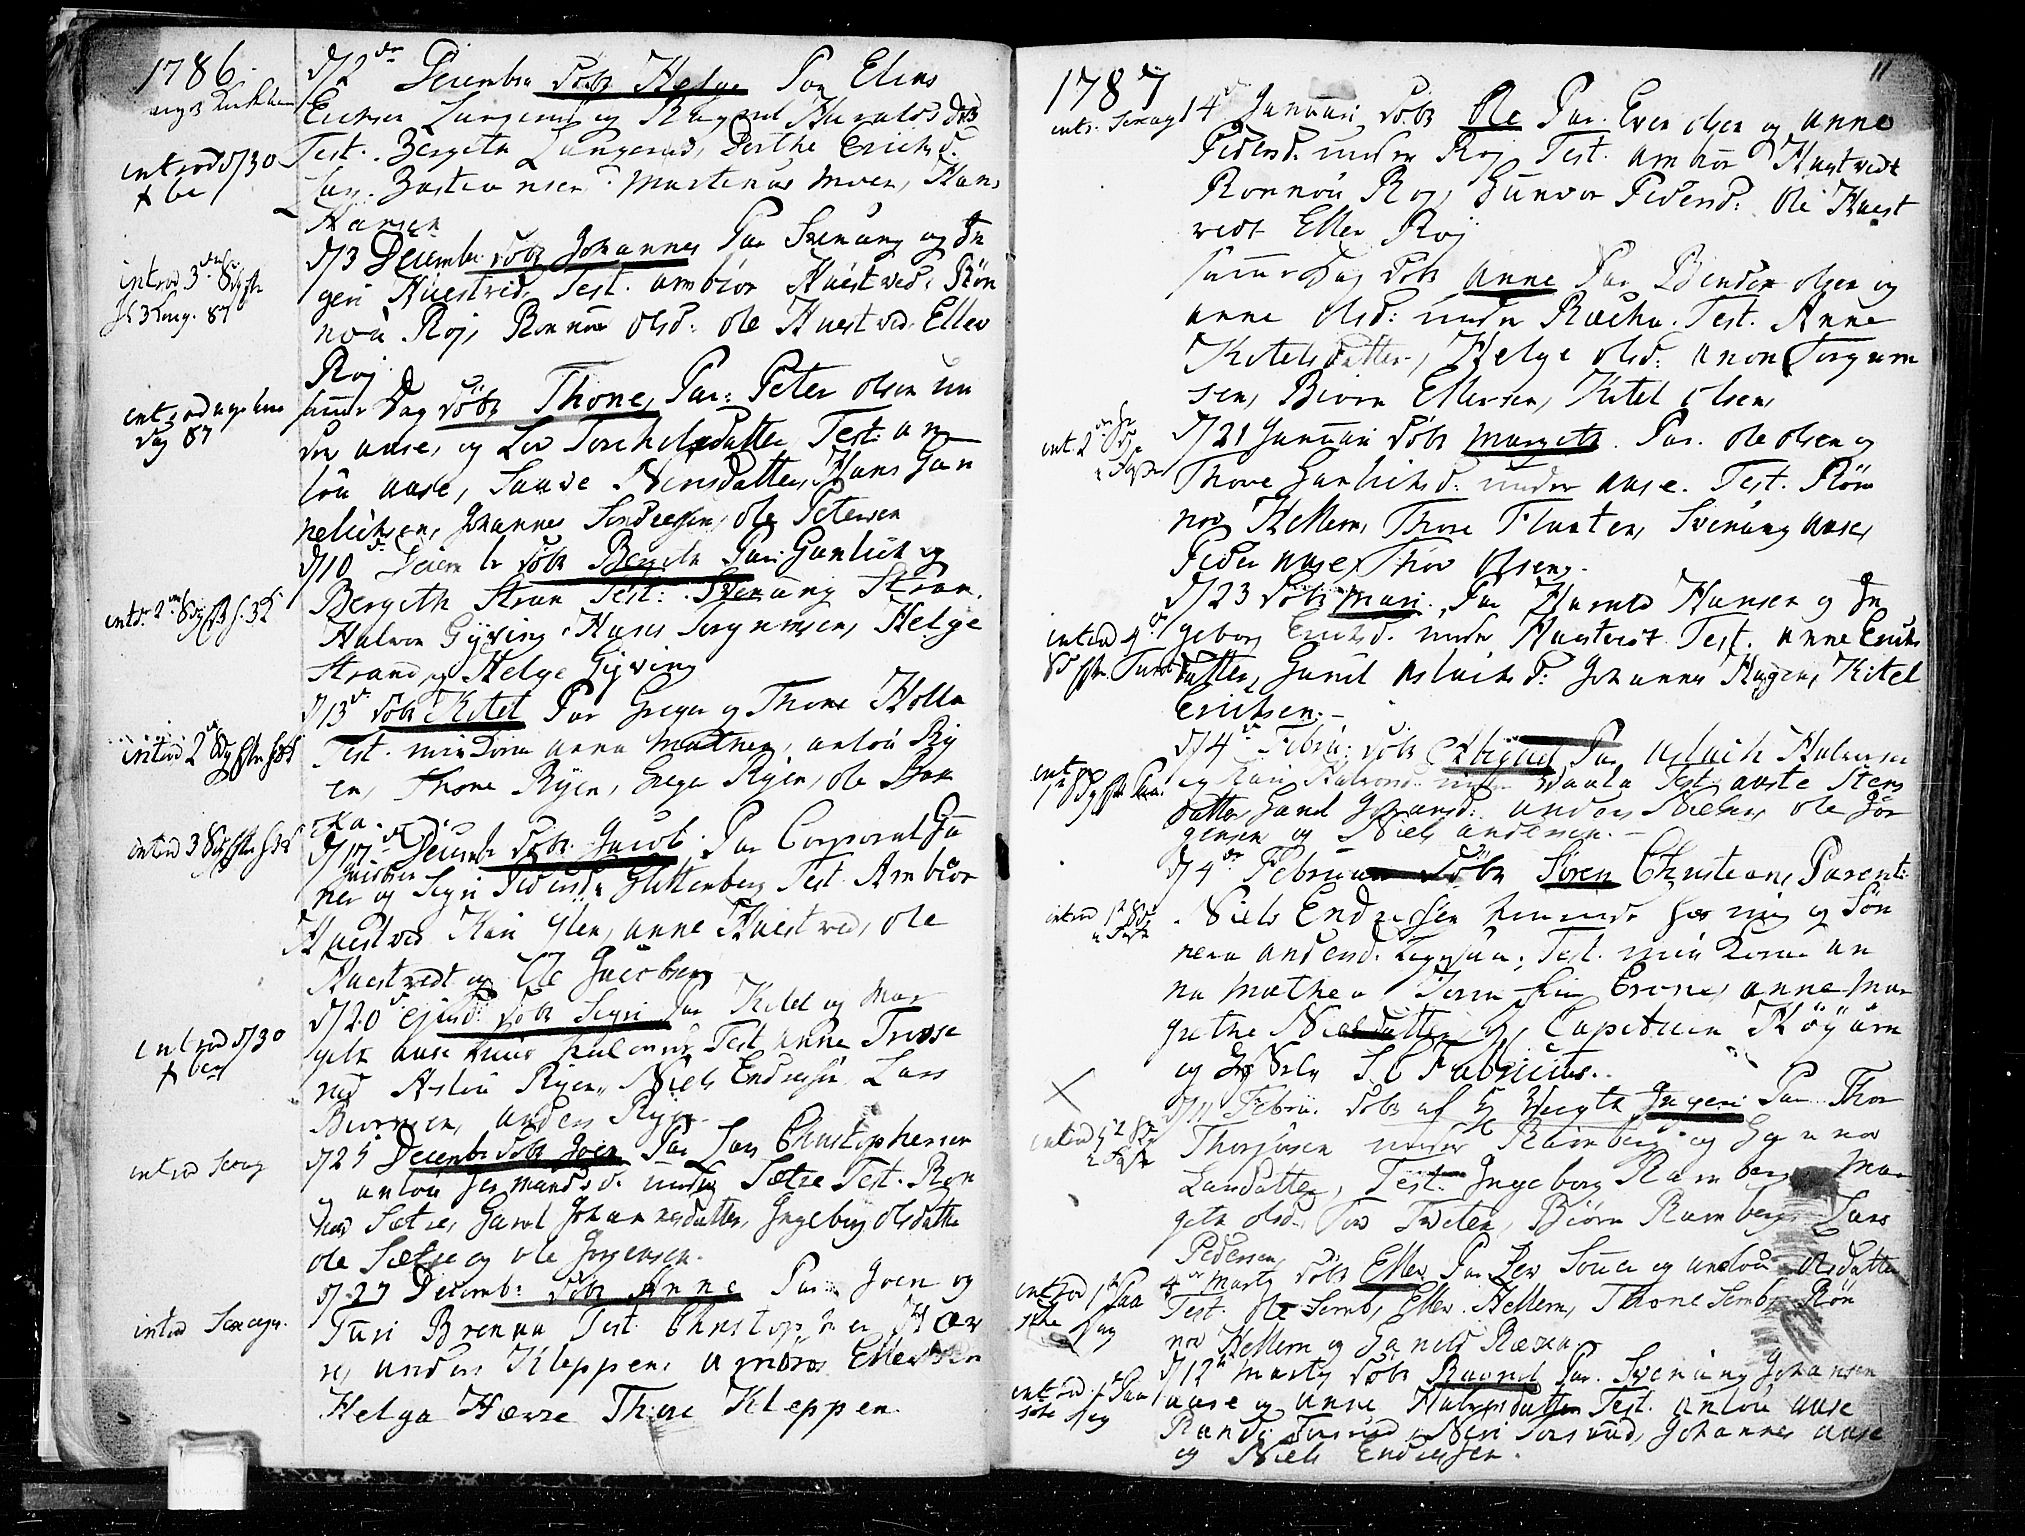 SAKO, Heddal kirkebøker, F/Fa/L0004: Ministerialbok nr. I 4, 1784-1814, s. 11